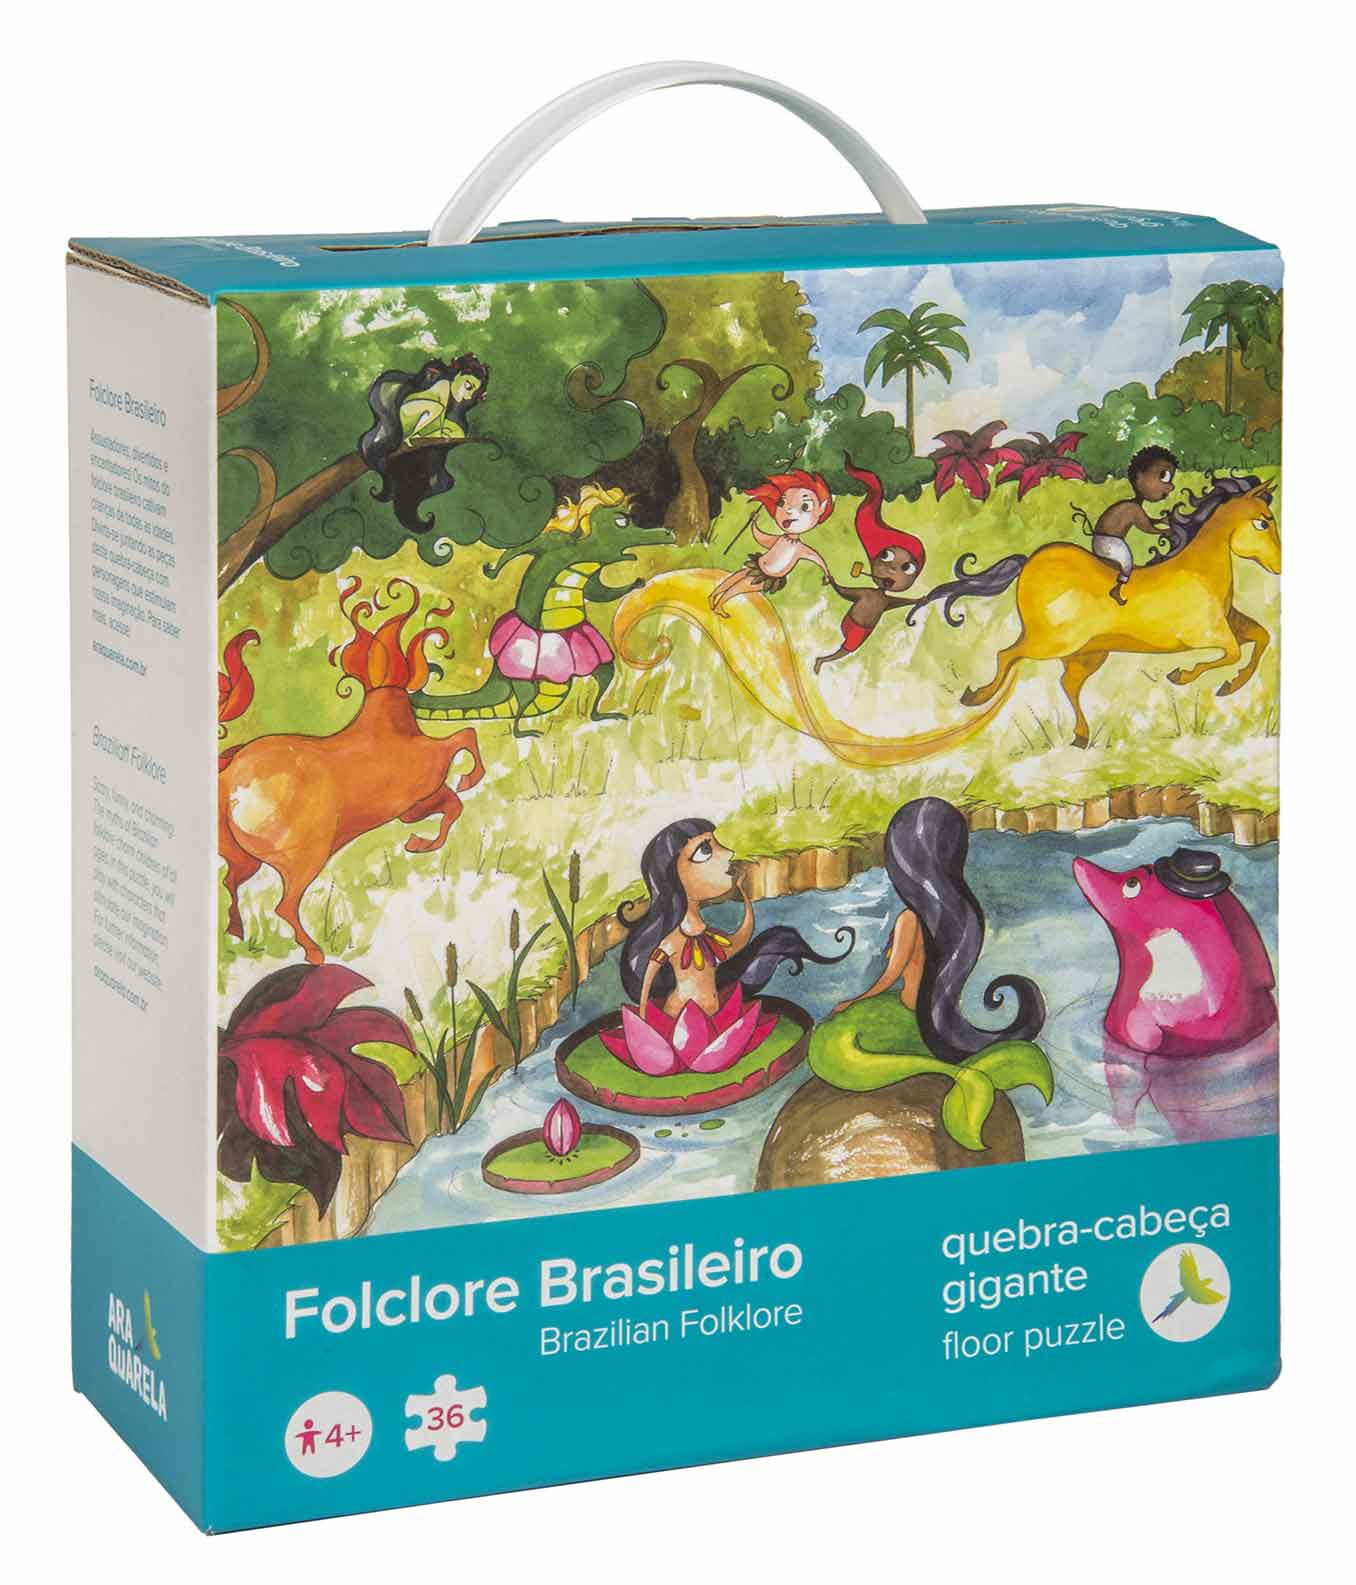 Quebra-Cabeça Gigante Folclore